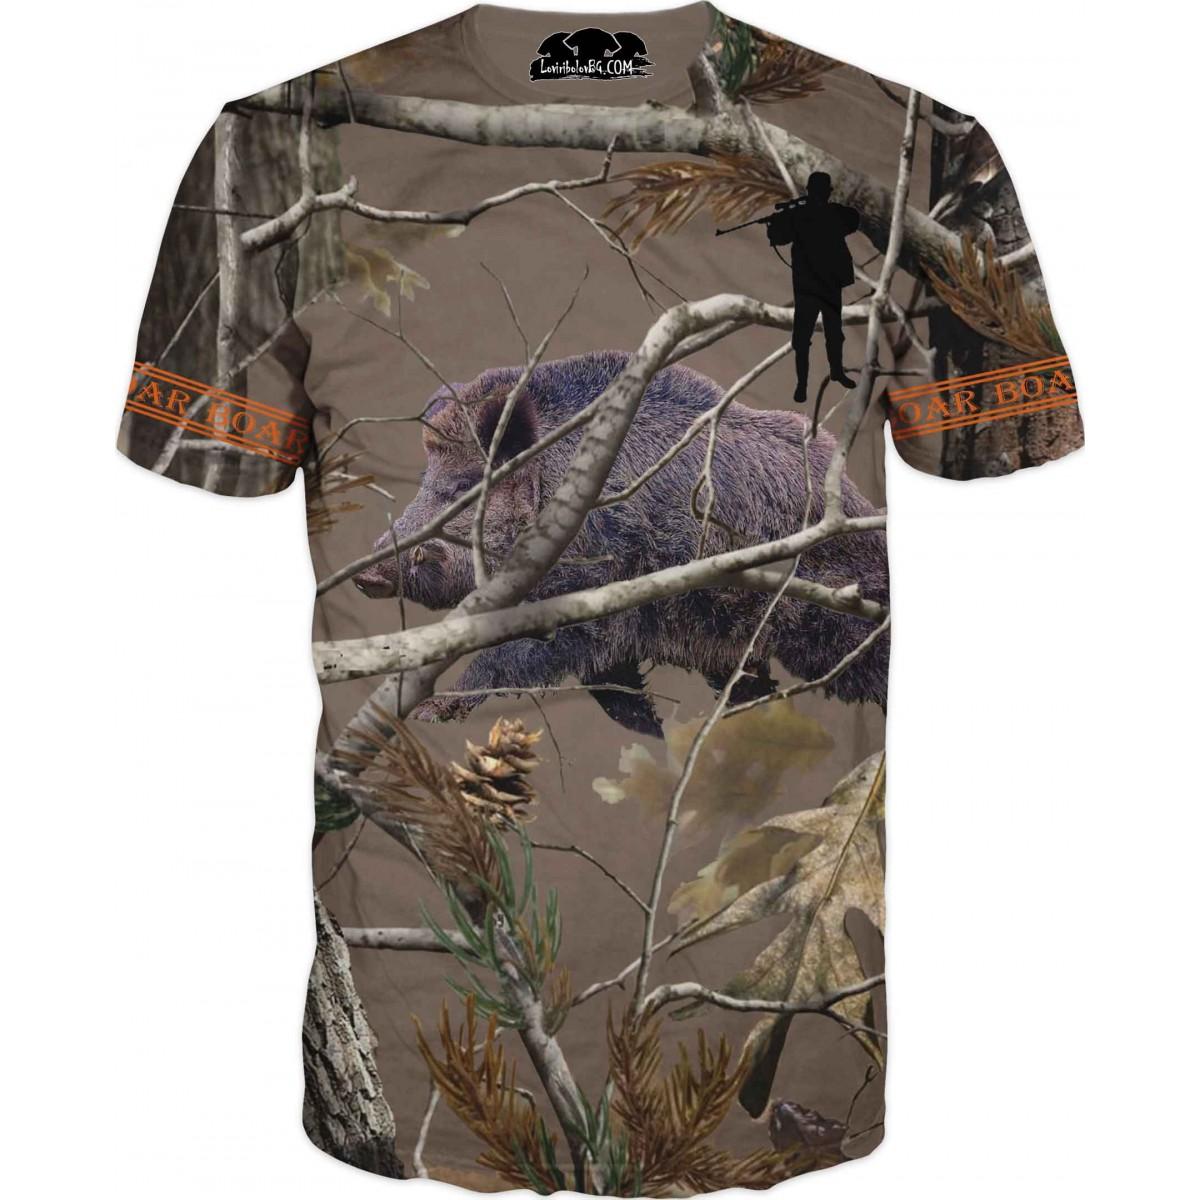 Тениска - ловна с глиган зад клони